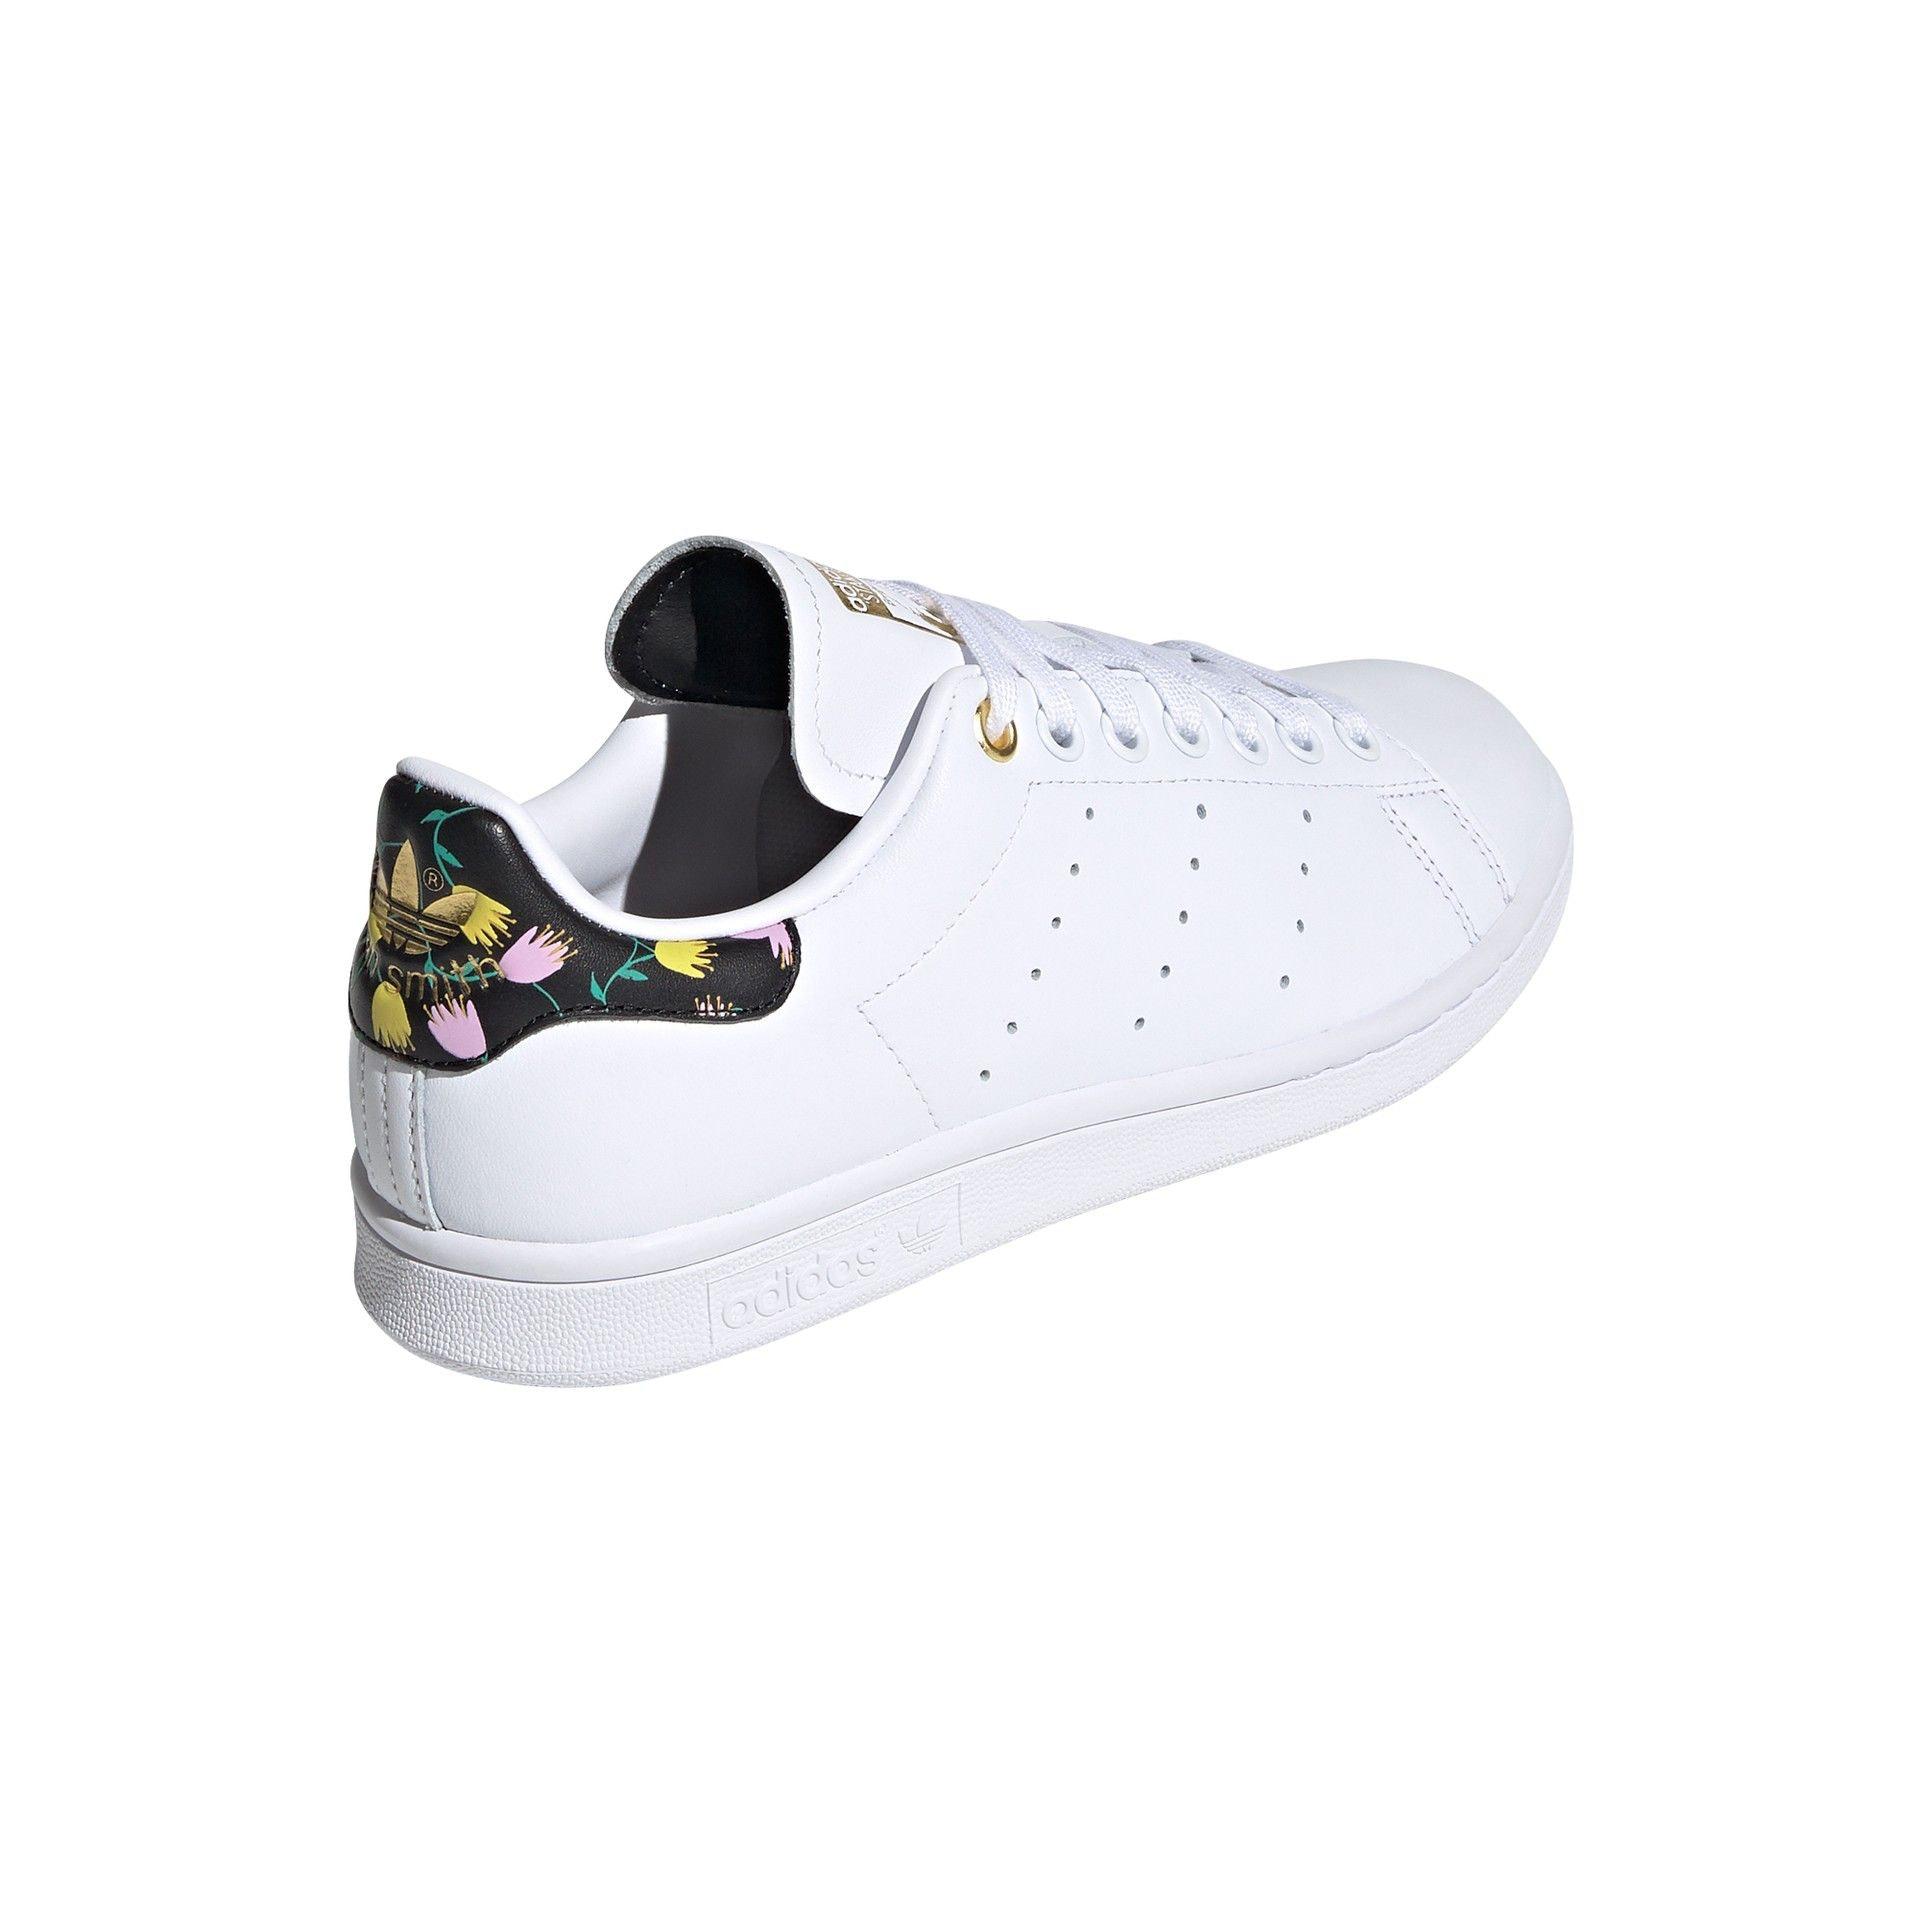 sapatilha branca da adidas com padrão de flores em estúdio sobre fundo branco